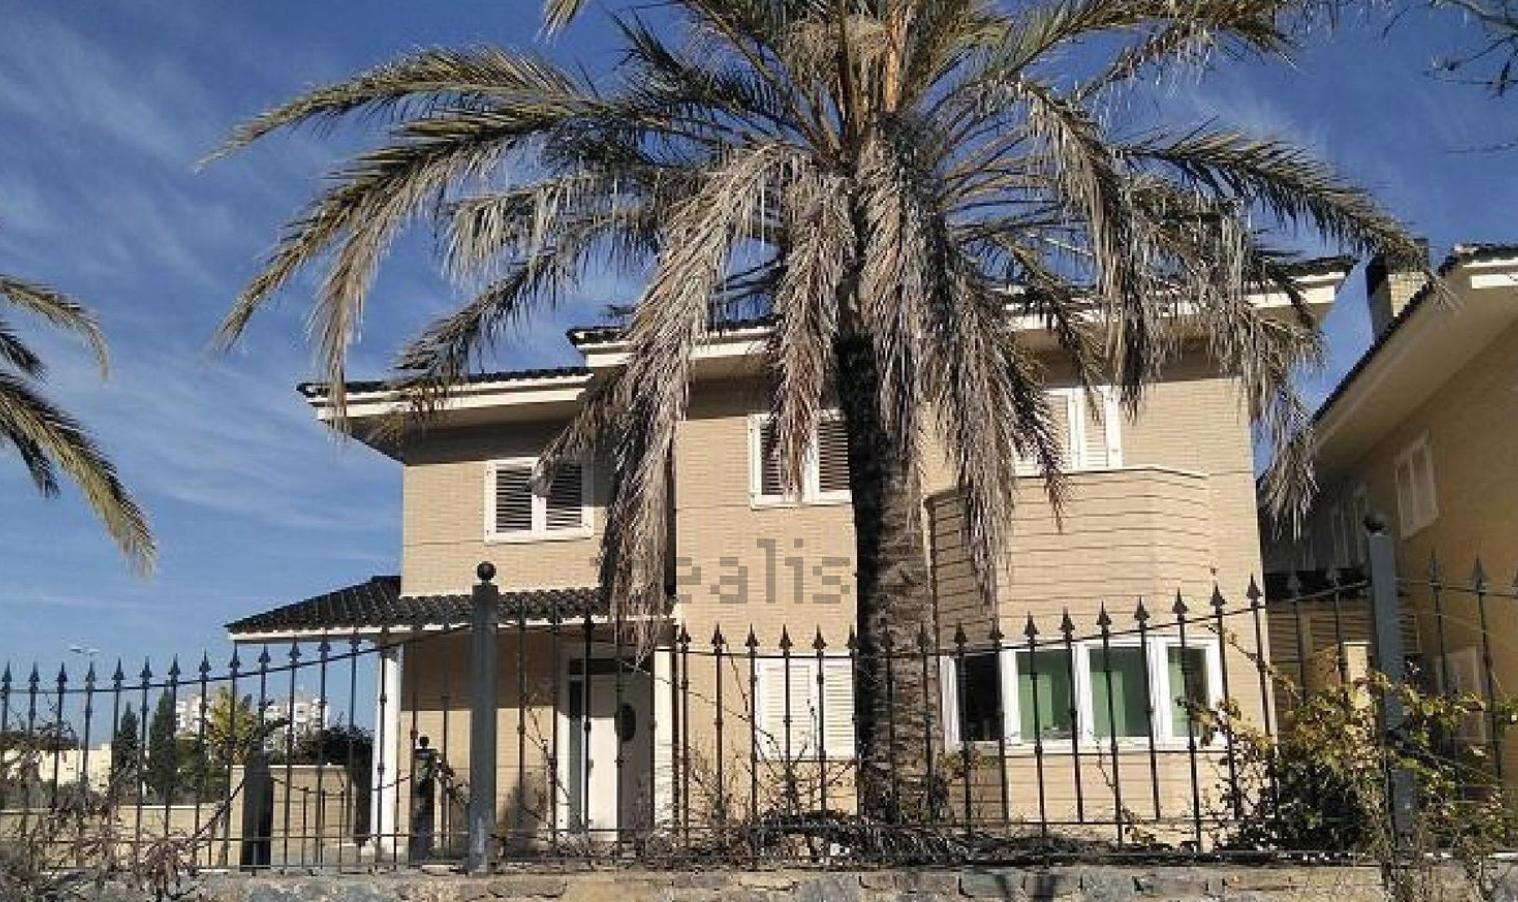 Altamira pone a la venta un complejo de 11 viviendas en Alicante por 5 millones